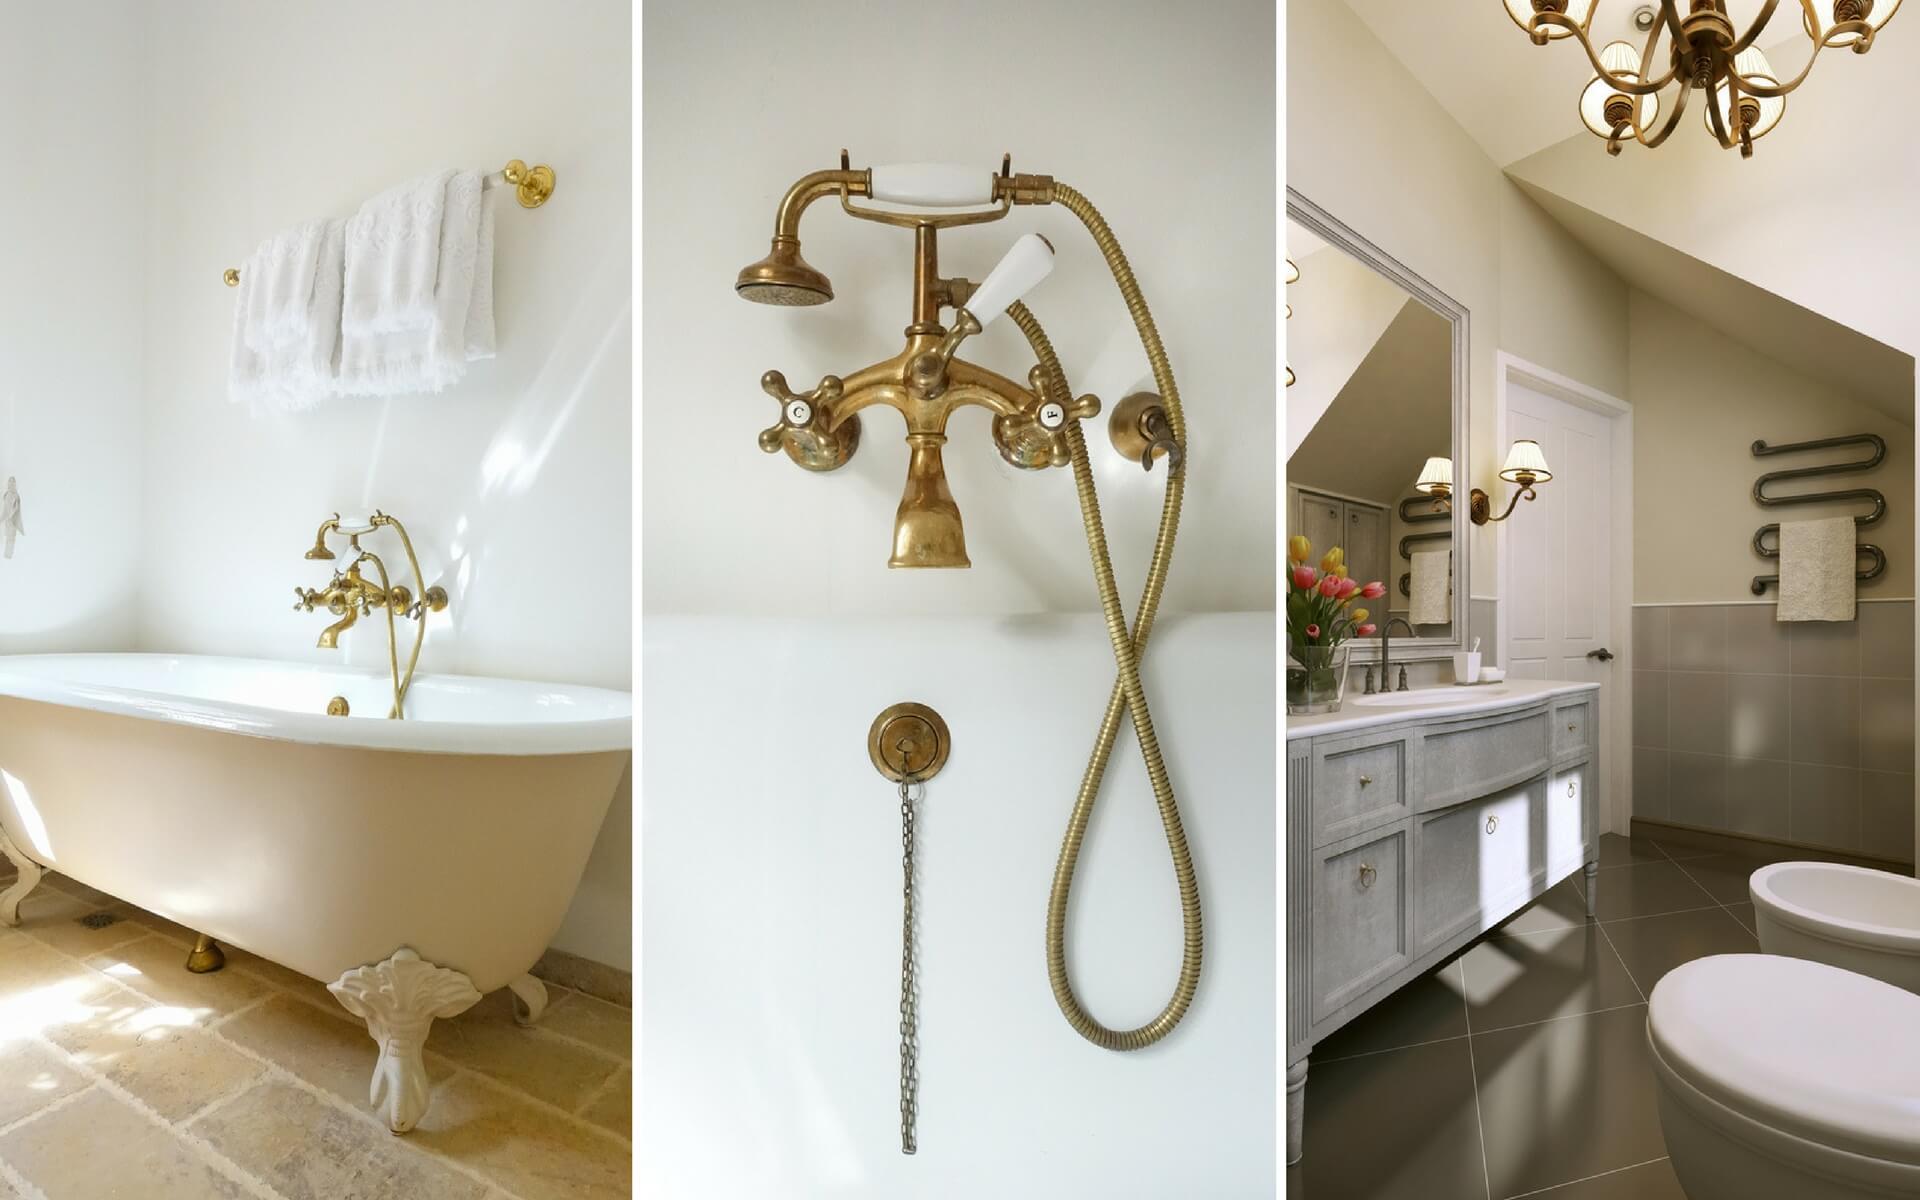 Come deve essere e quali caratteristiche deve avere un bagno in stile provenzale